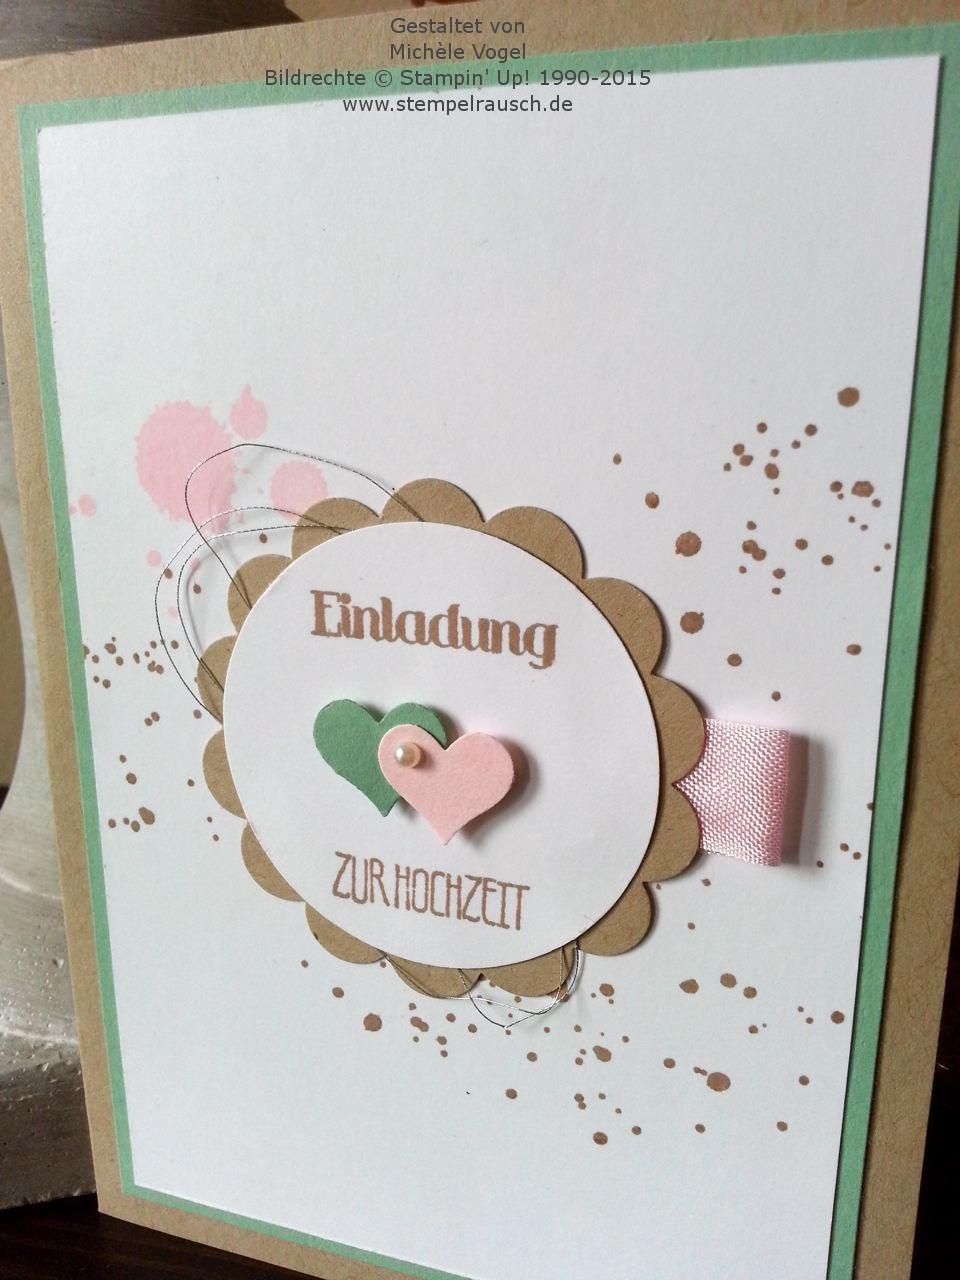 Stampin Up Einladungskarte Zur Hochzeit Stempelset Eins Für  Alles Und Gorgeous Grunge 2